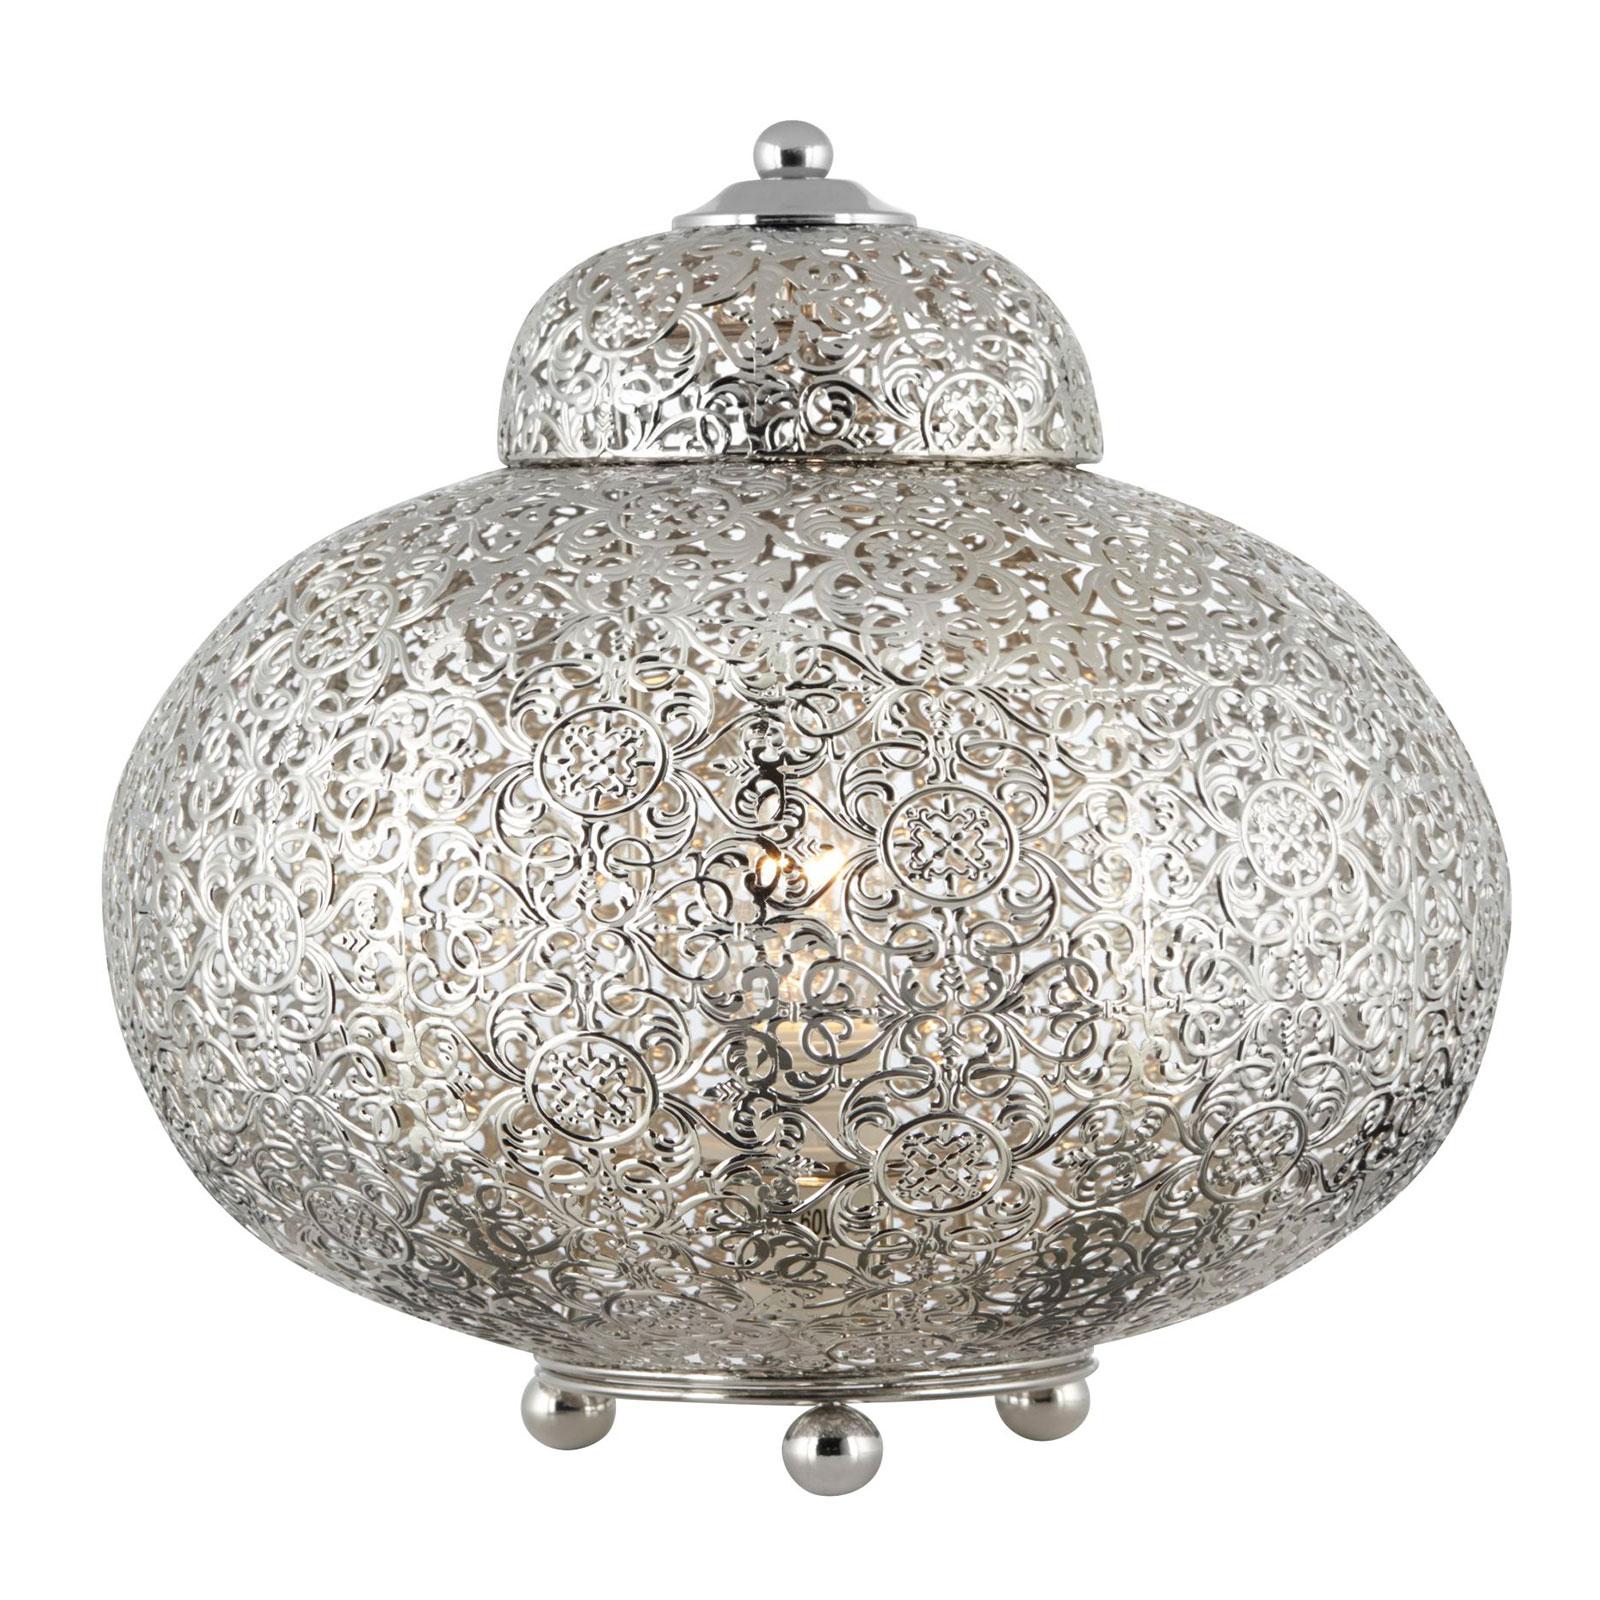 Tischlampe Moroccan Fretwork in Nickel glänzend